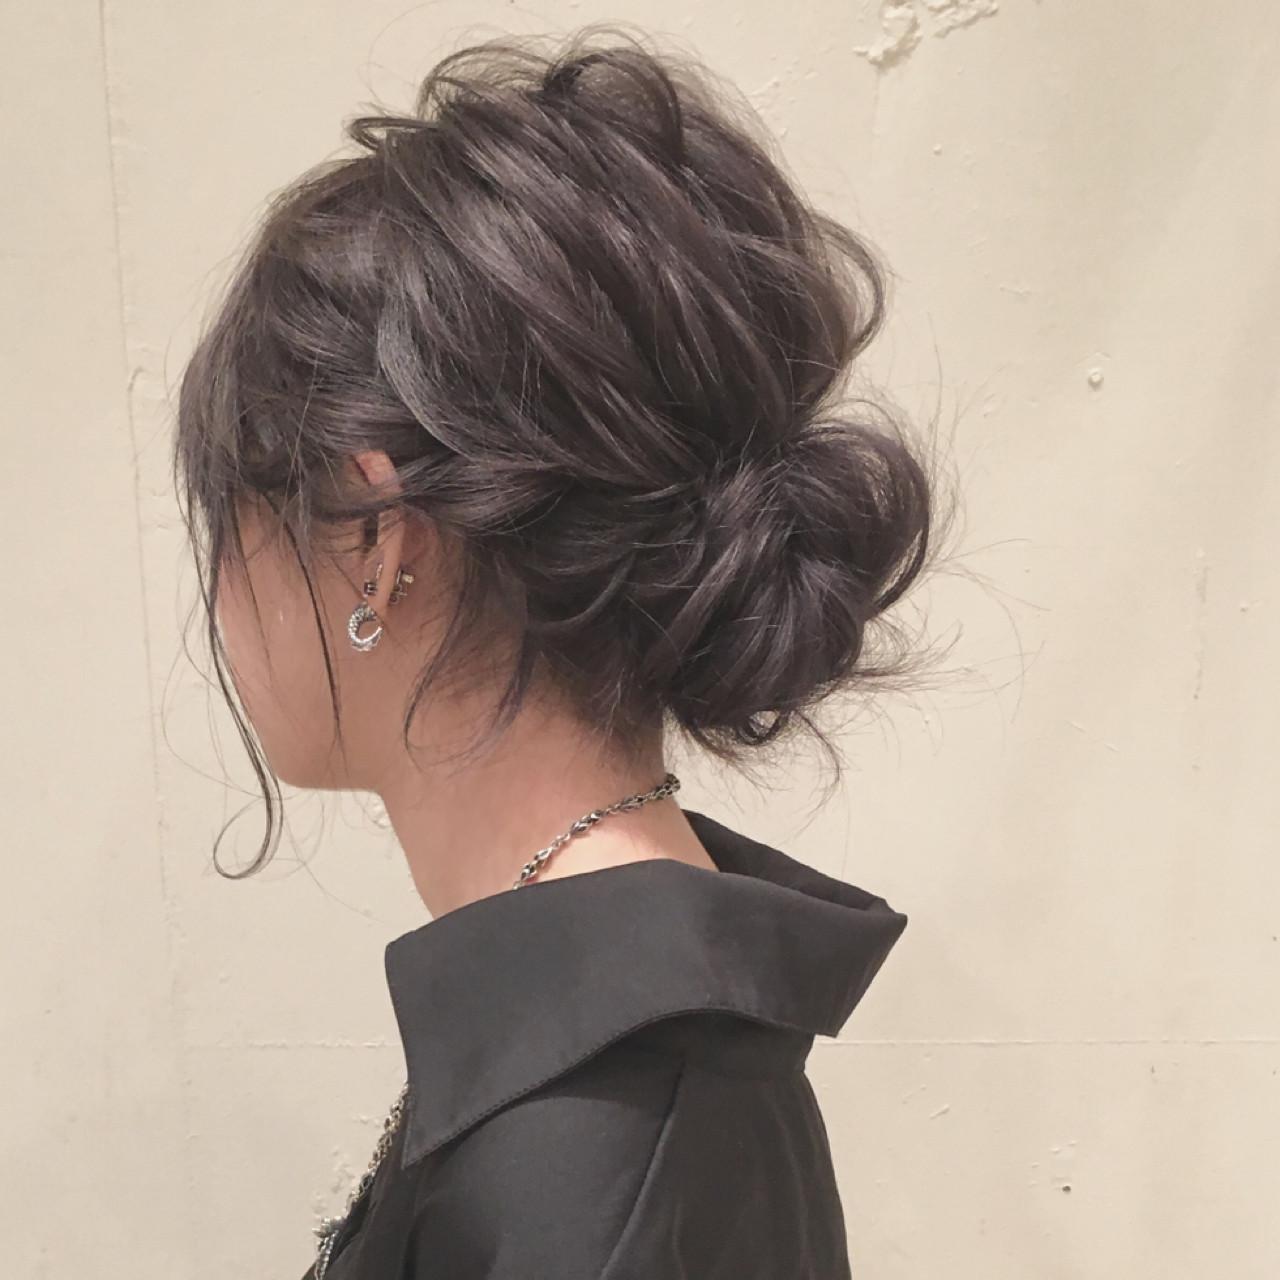 黒髪ミディアムの《シニヨン》アレンジです。すっきりまとめたこのスタイルはオフィスにもぴったり!